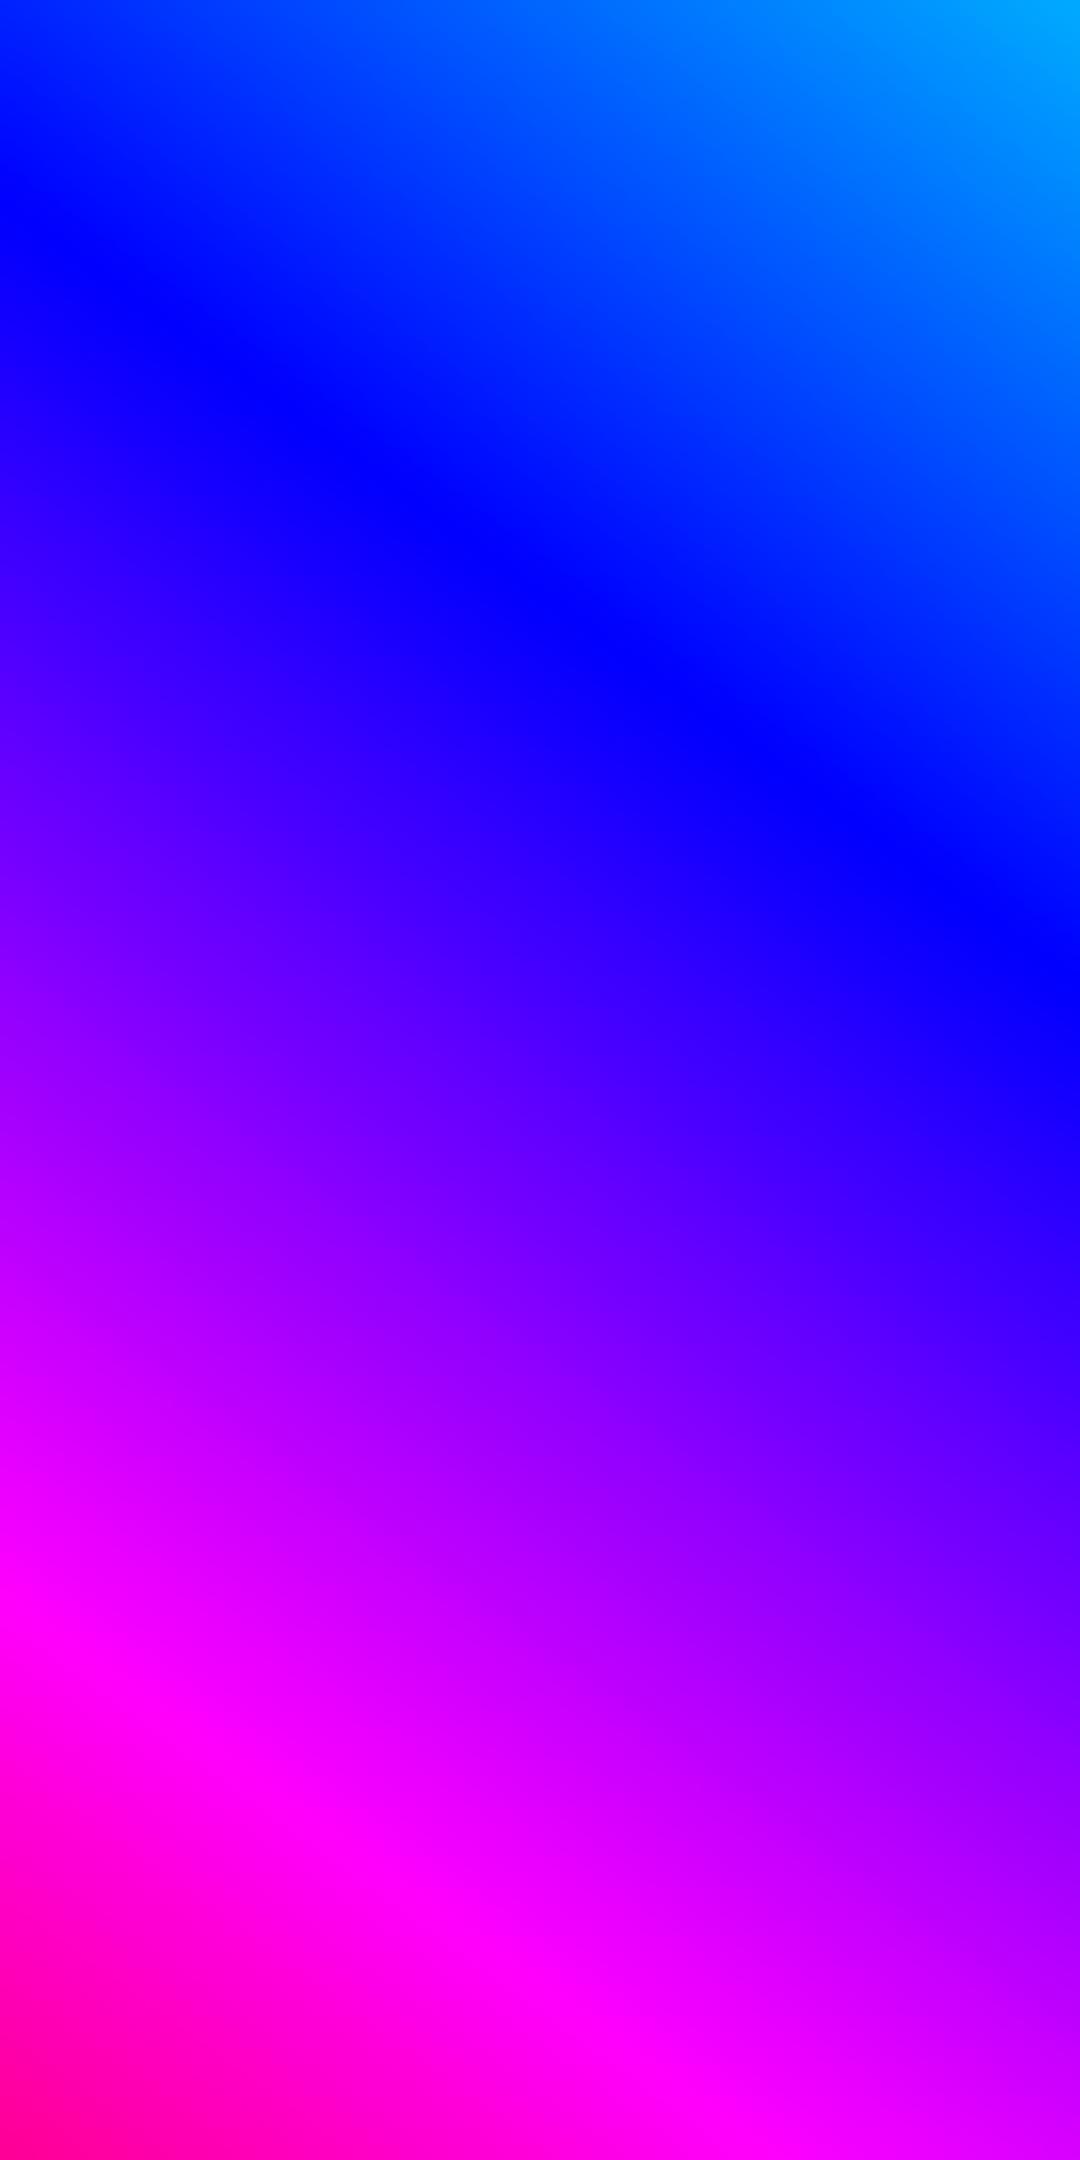 33359bfb09da48853c19327a28327f49.jpg